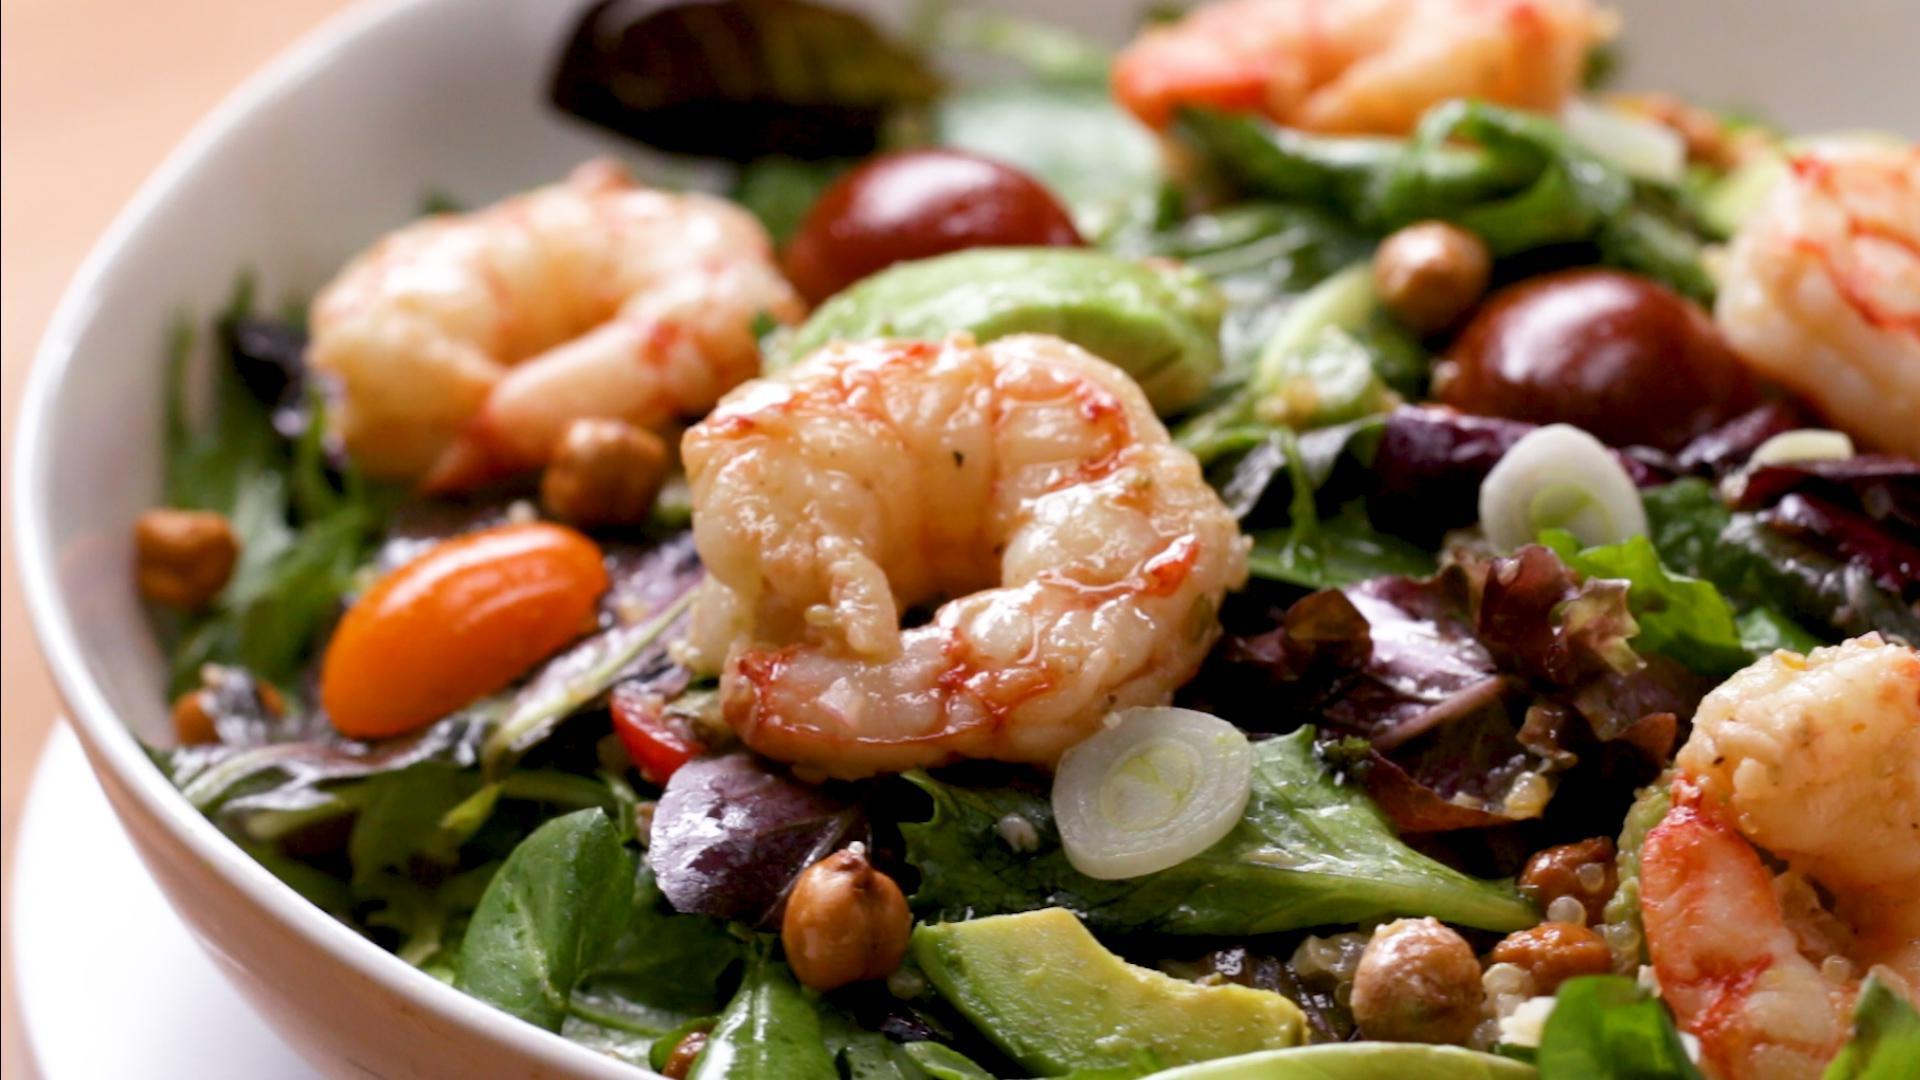 Seared Shrimp And Avocado Salad Recipe by Tasty